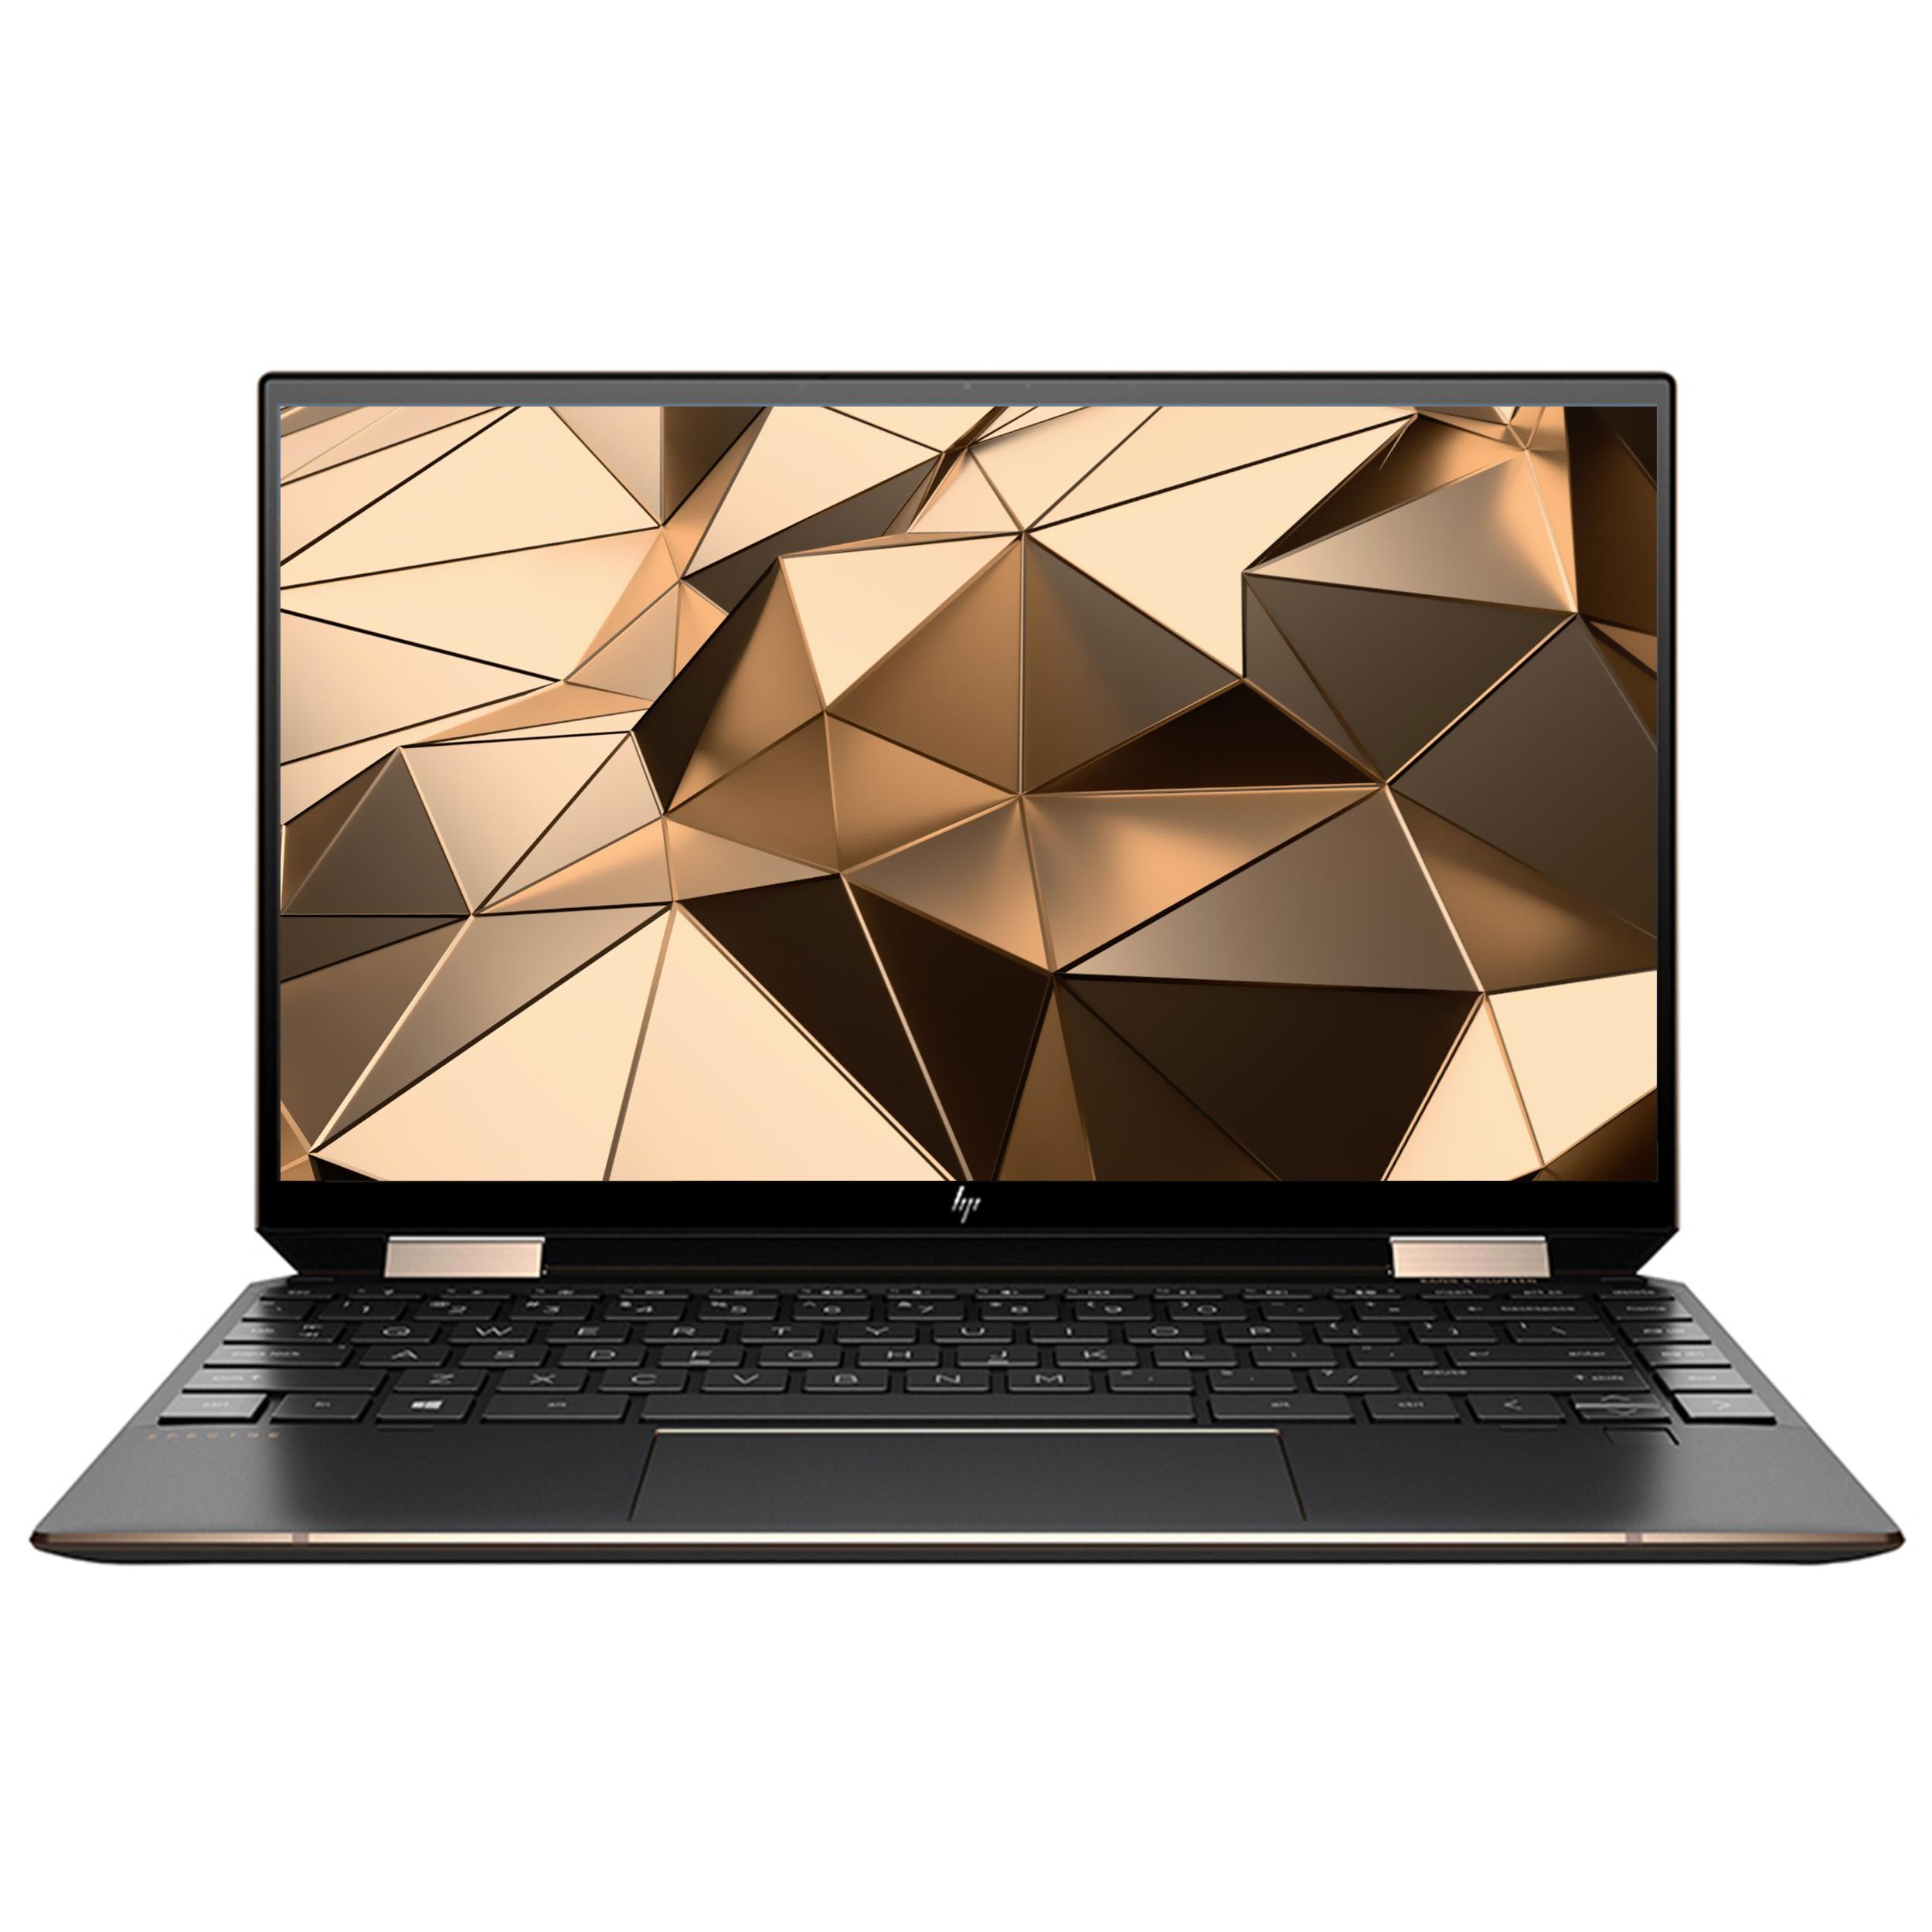 فروش نقدی و اقساطی لپ تاپ 13 اینچی اچ پی مدل Spectre x360 13t-AW000-E